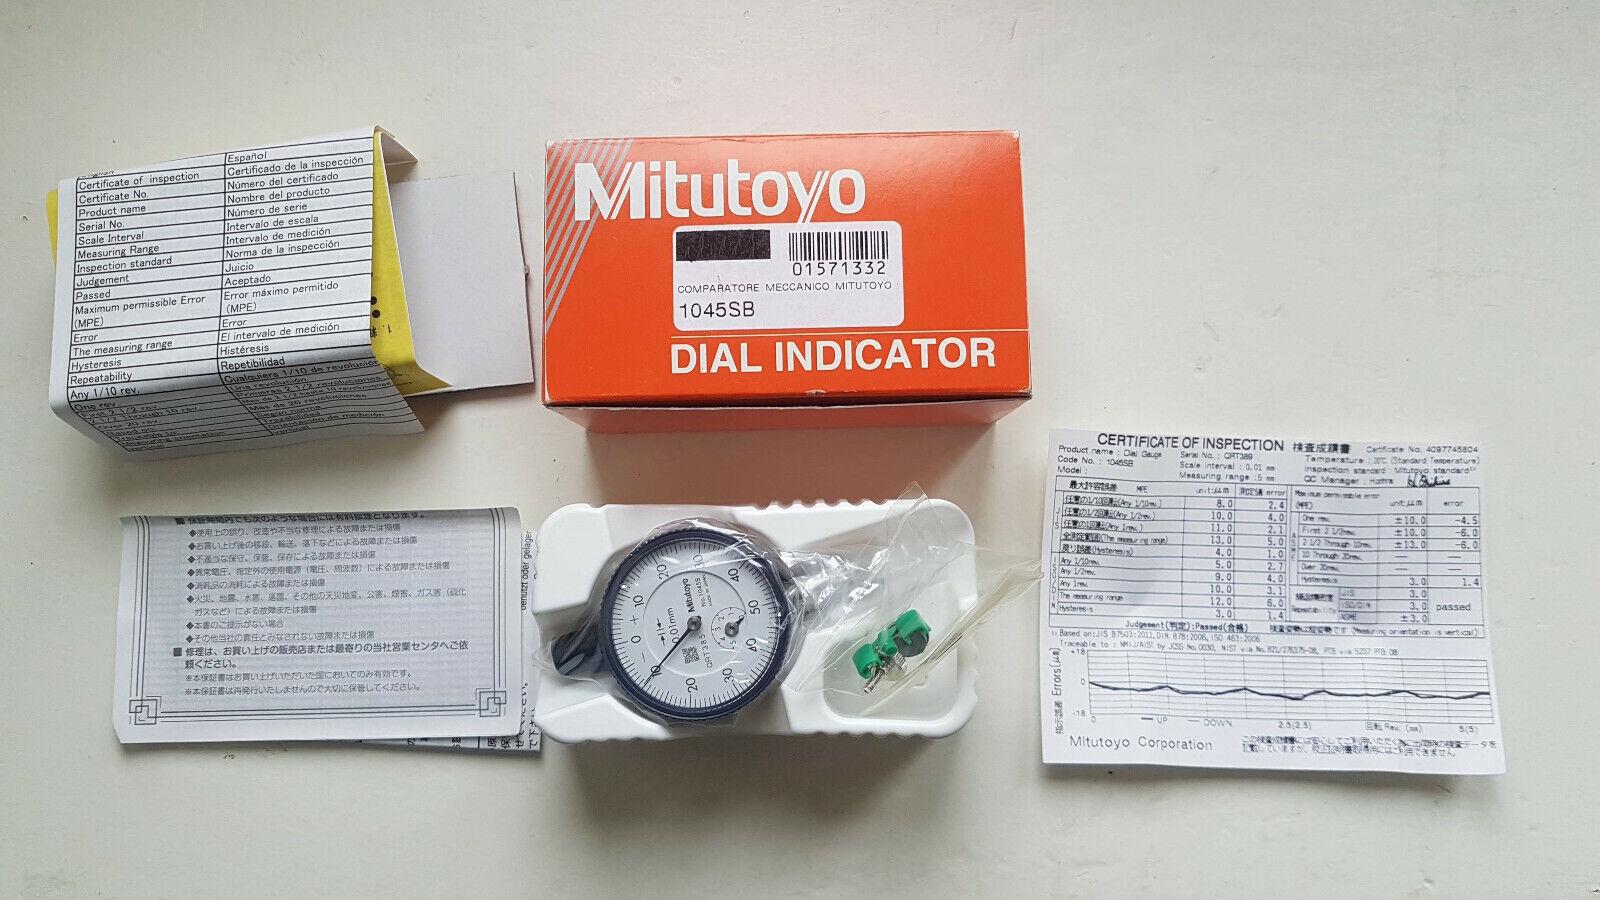 Lot of 6 MITUTOYO 1045SB  nuovi 6 pezzi  comparatore strumento misura meccanica